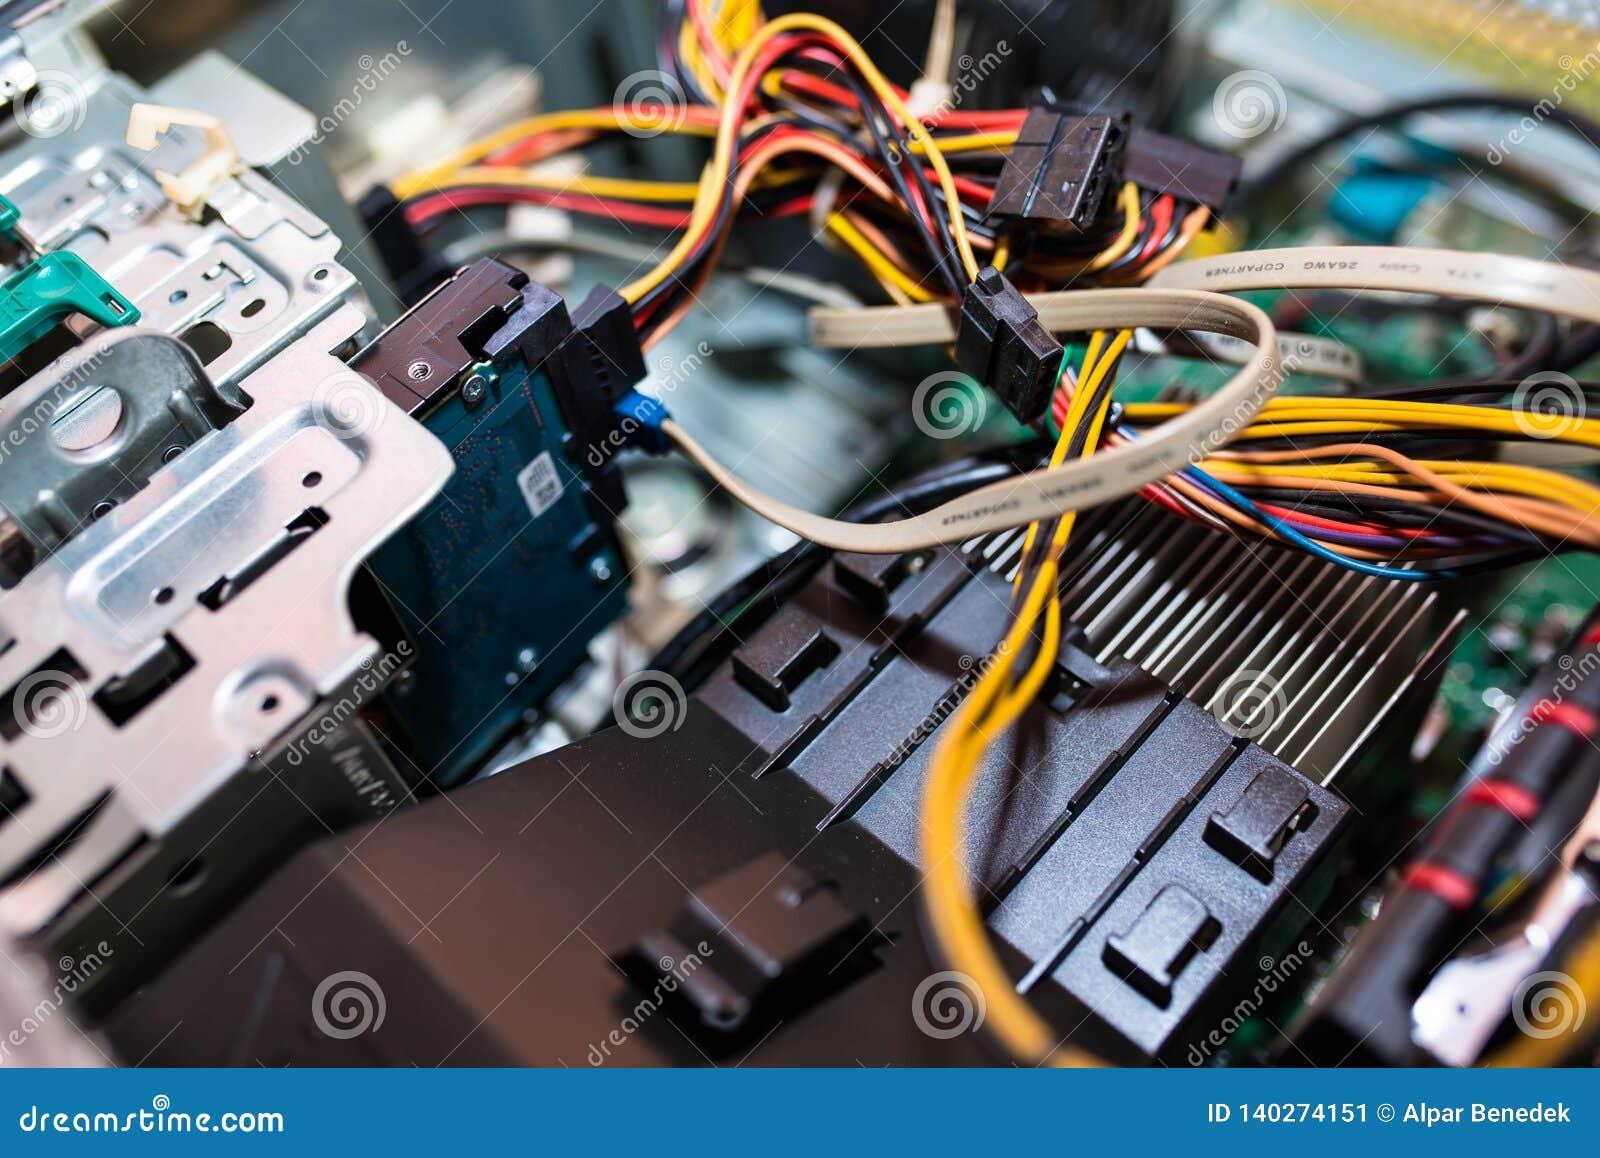 Rozpieczętowany komputer osobisty, widoczni składniki